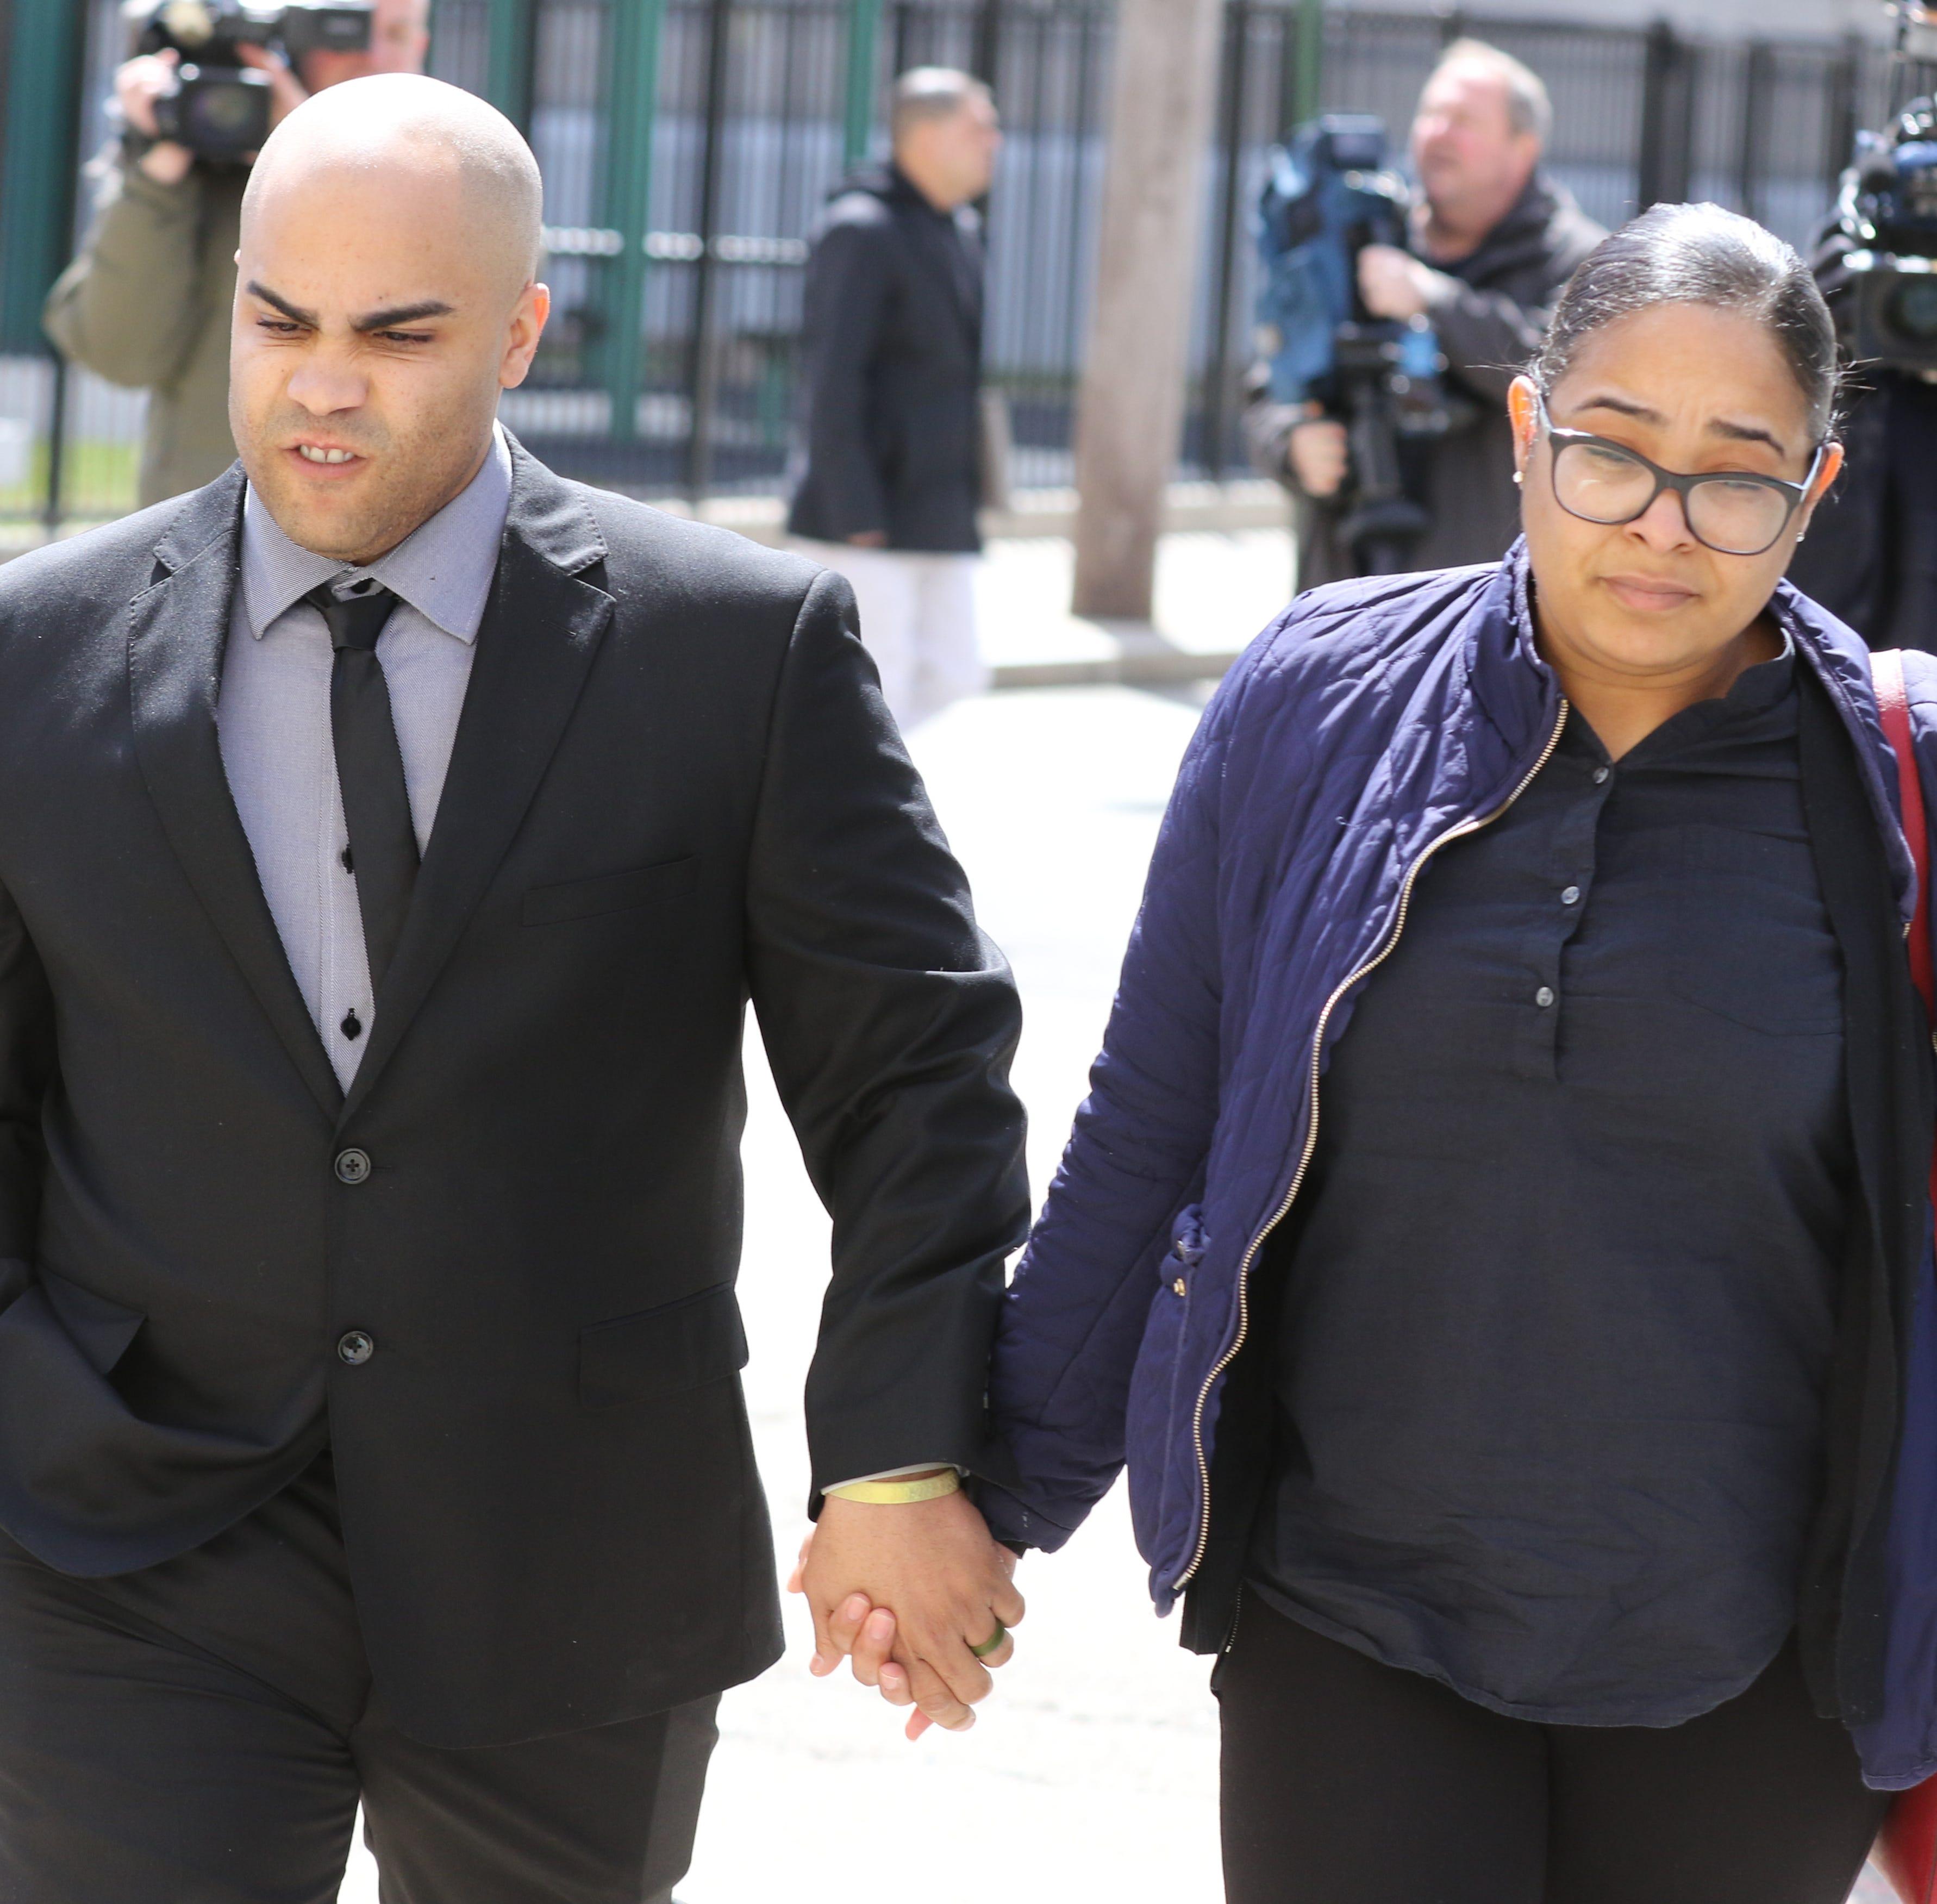 Prison sentence for former Paterson cop surprises even the judge